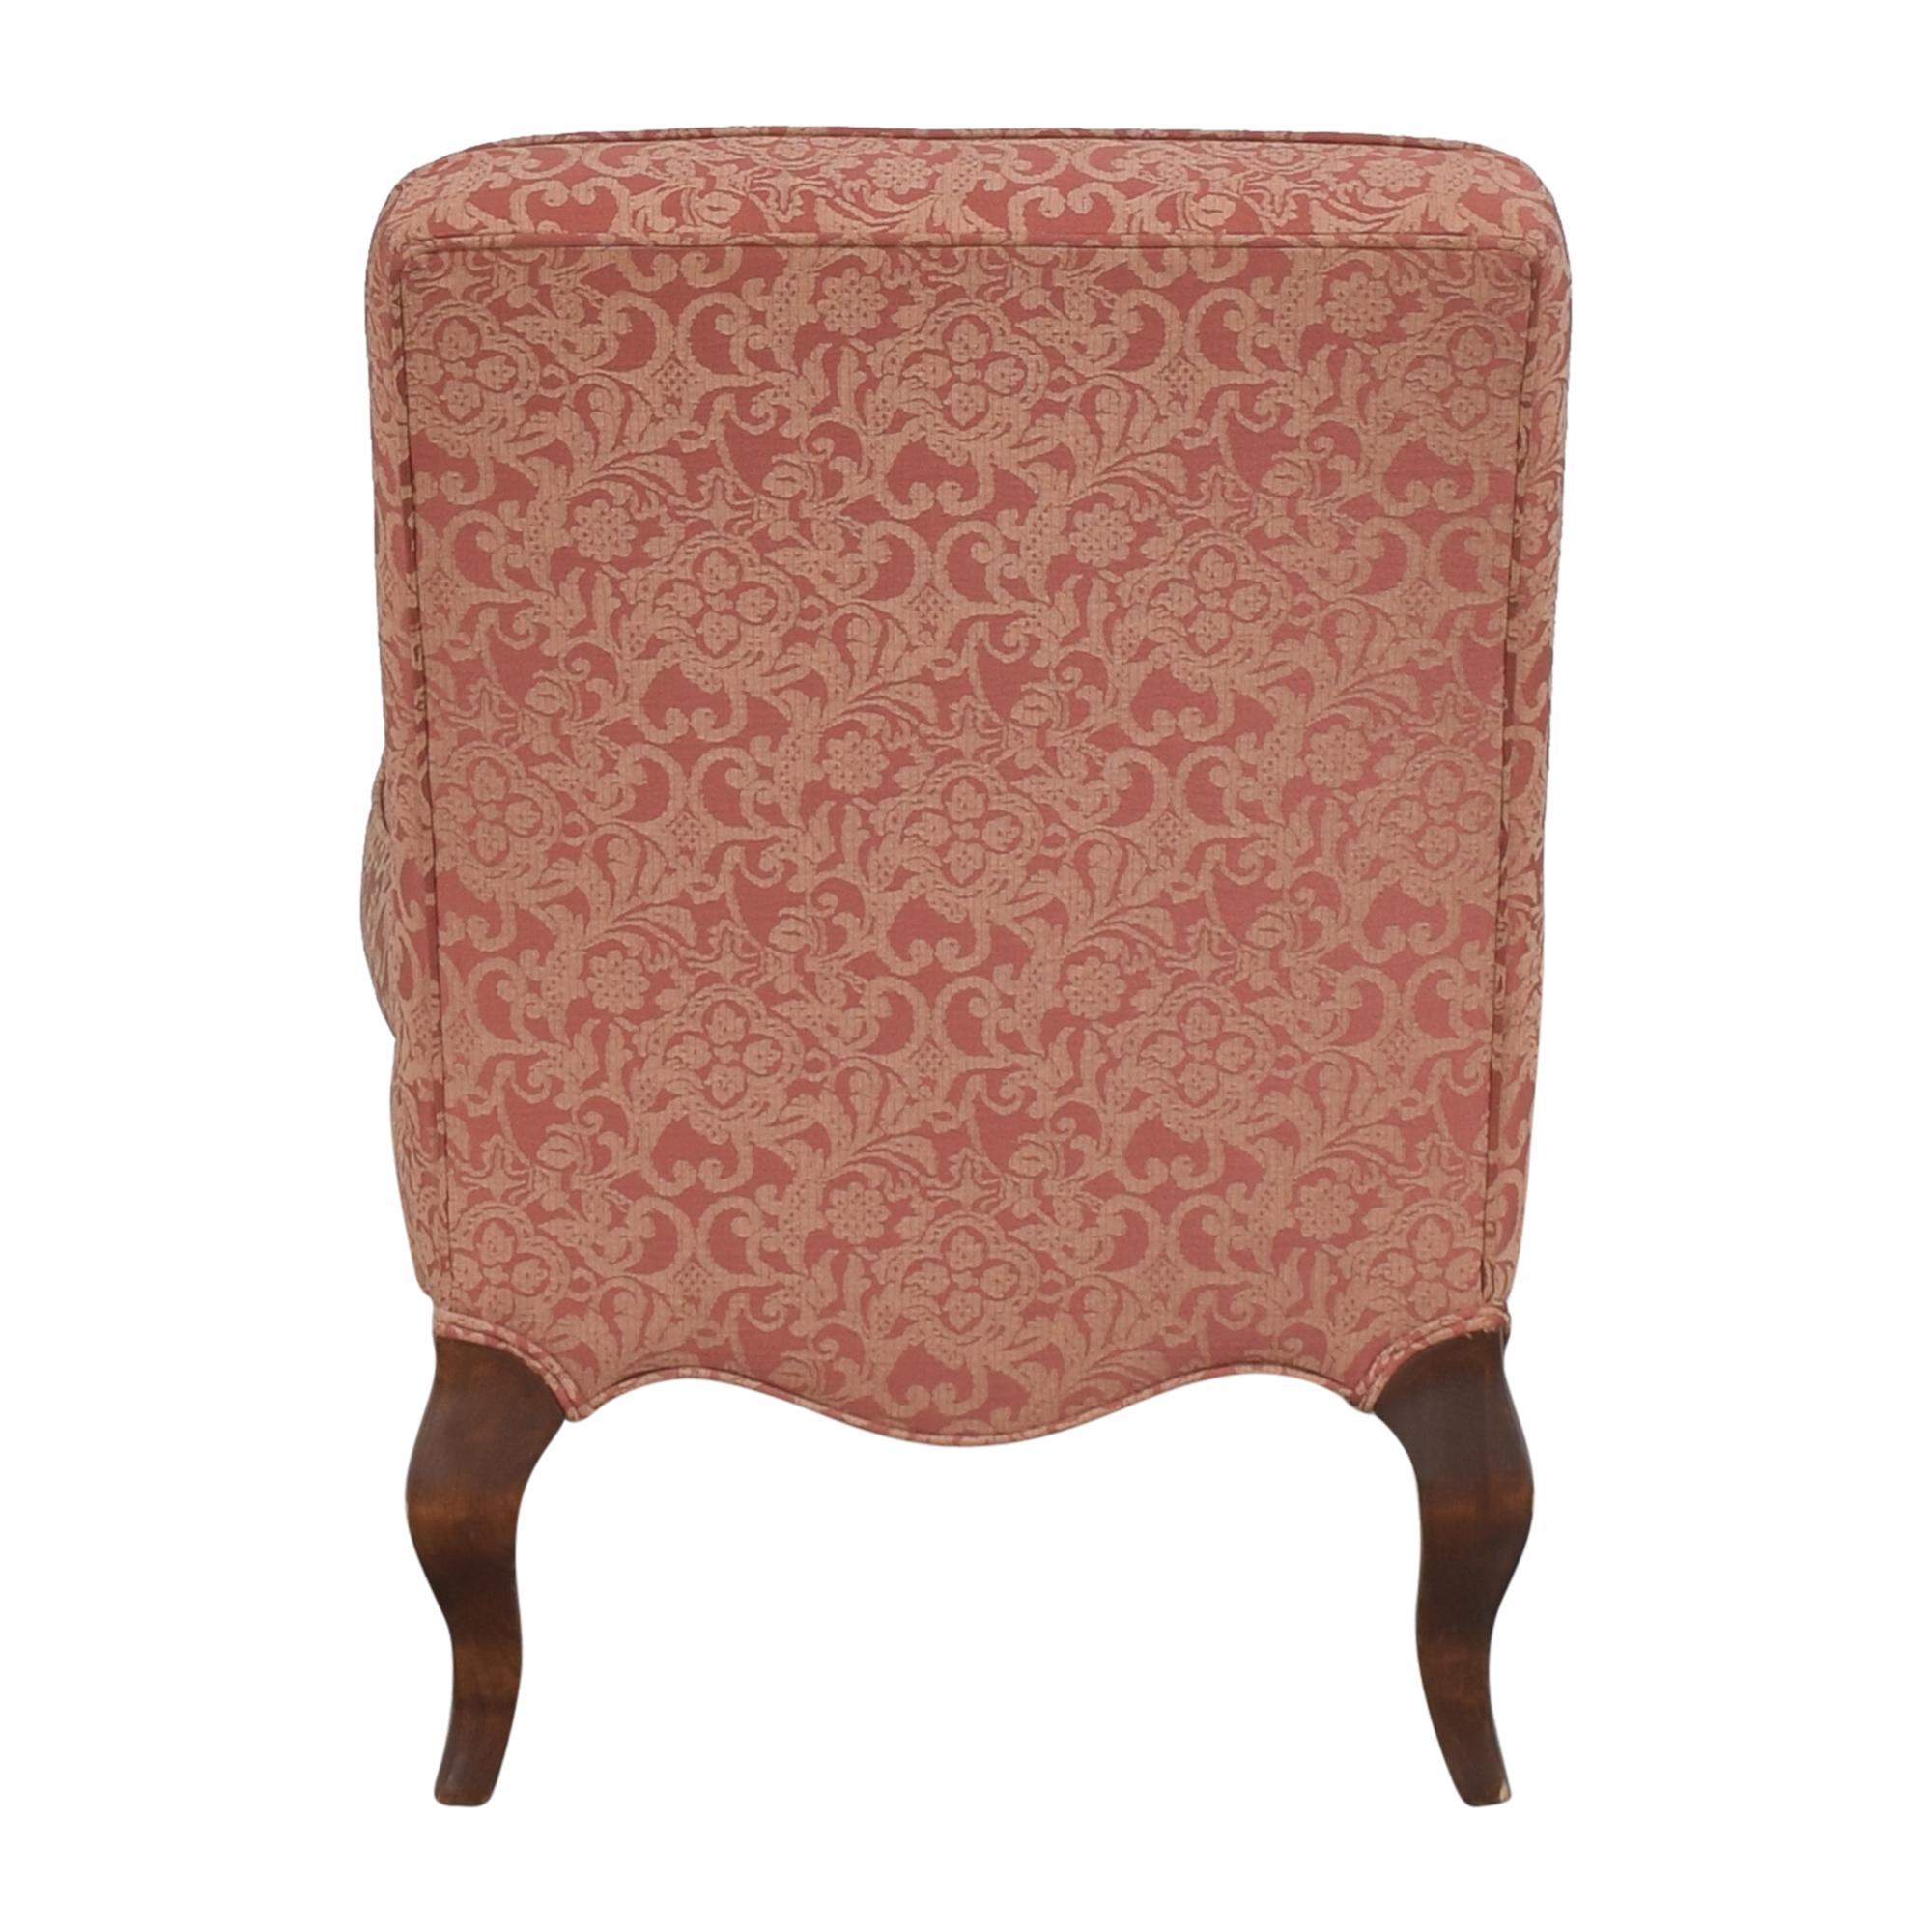 Bloomingdale's Bloomingdale's Slipper Chair nyc